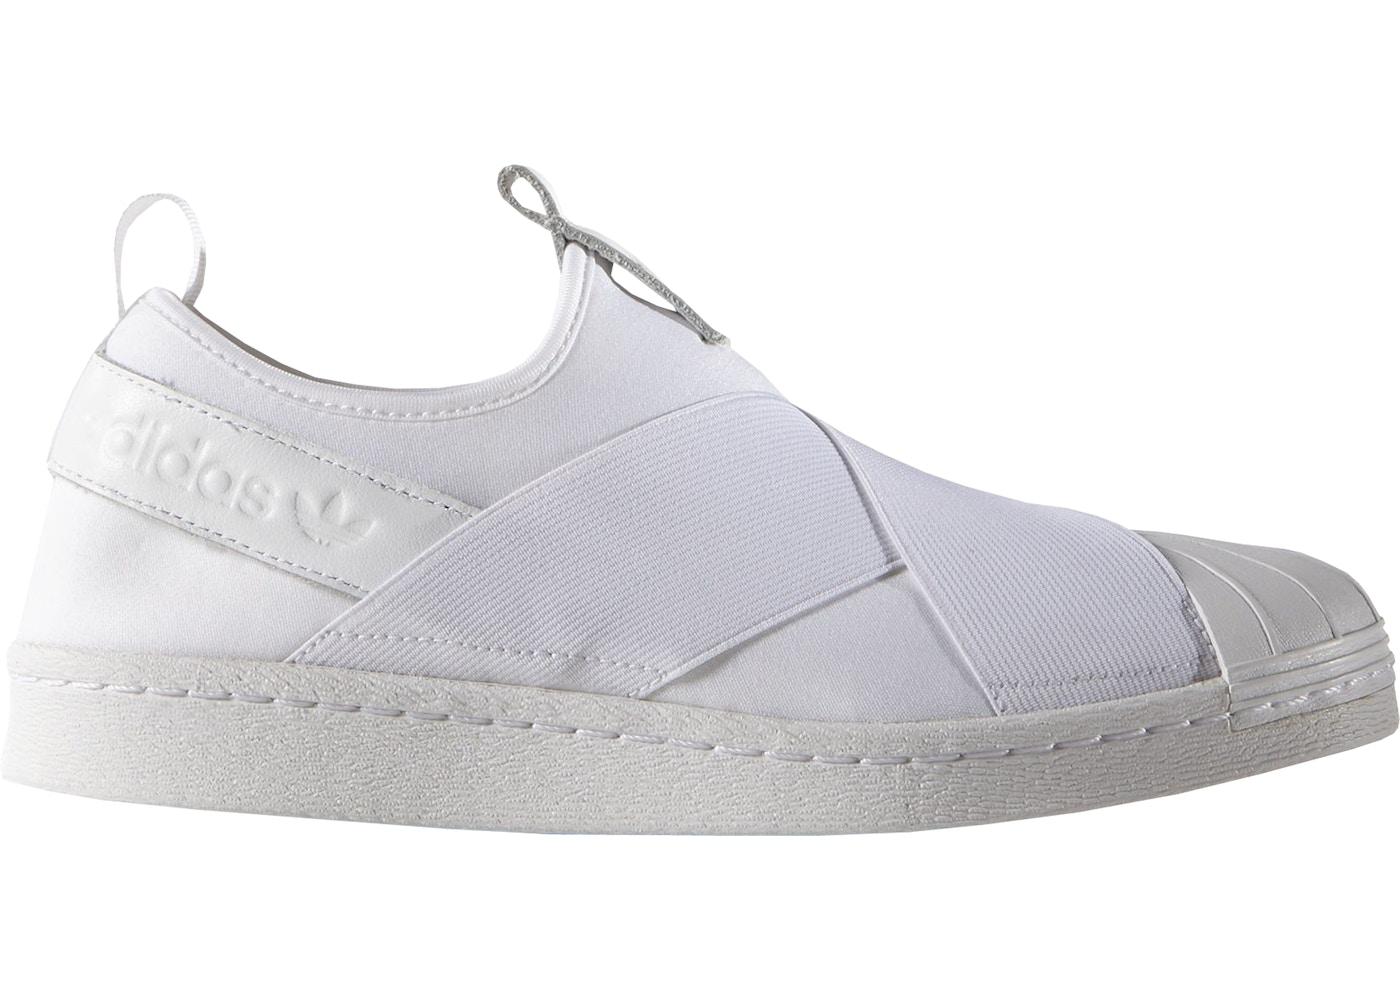 adidas Superstar Slip-On White (W)